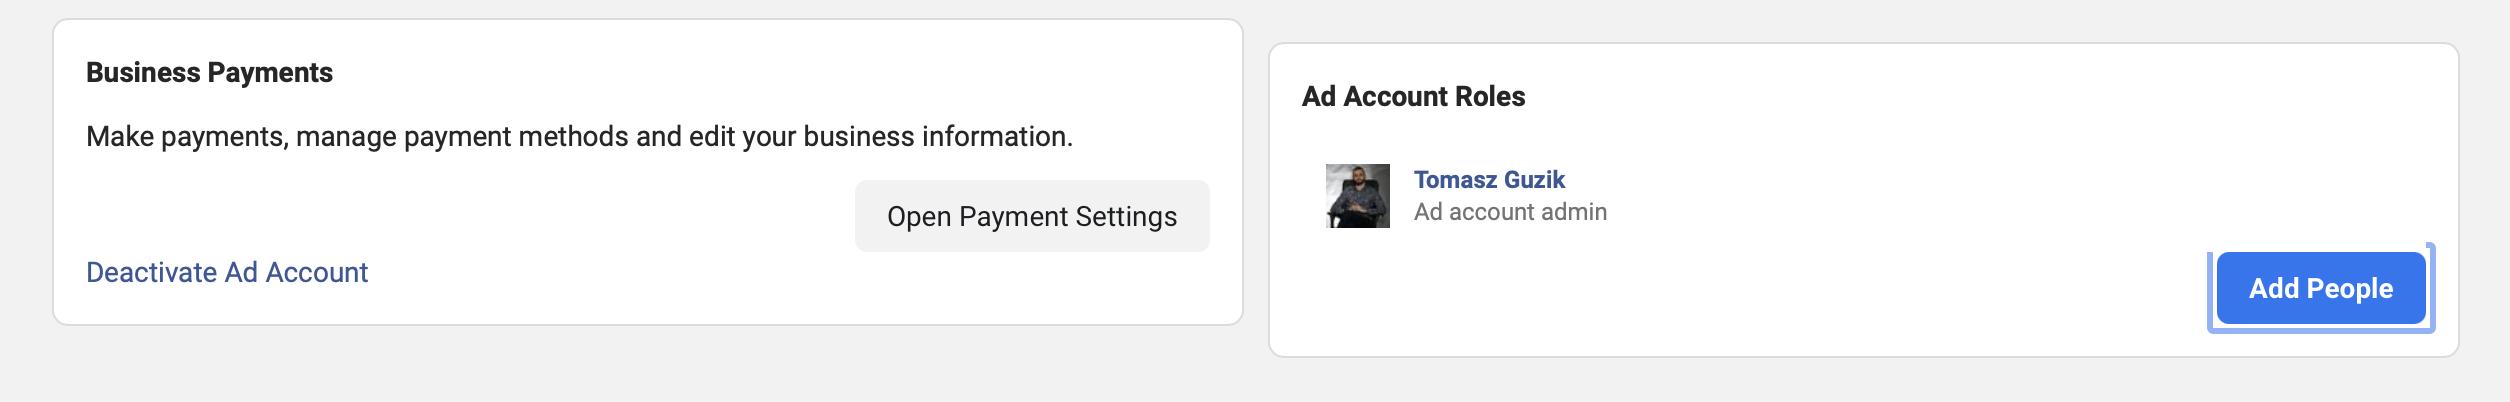 dodawanie użytkownika do konta reklamowego